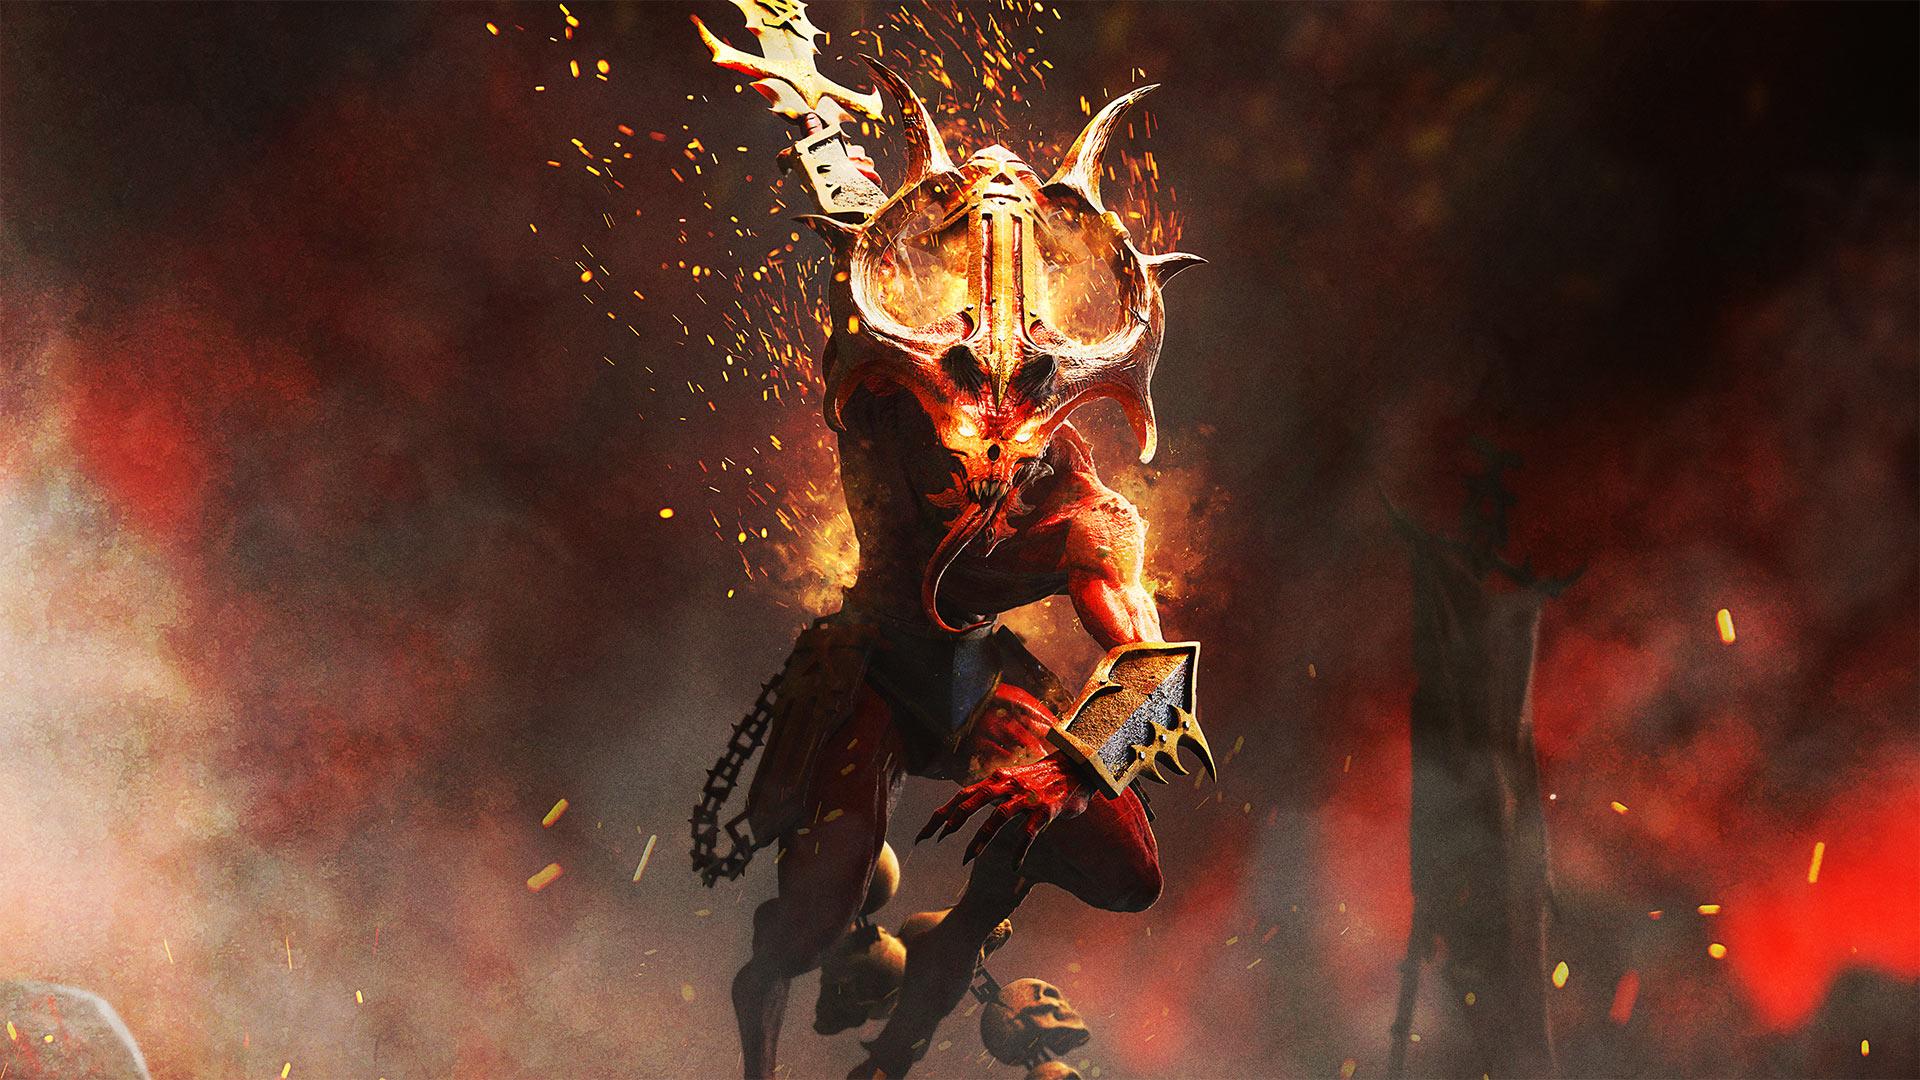 Recensione Warhammer: Chaosbane - Fermiamo il Caos a suon di click thumbnail